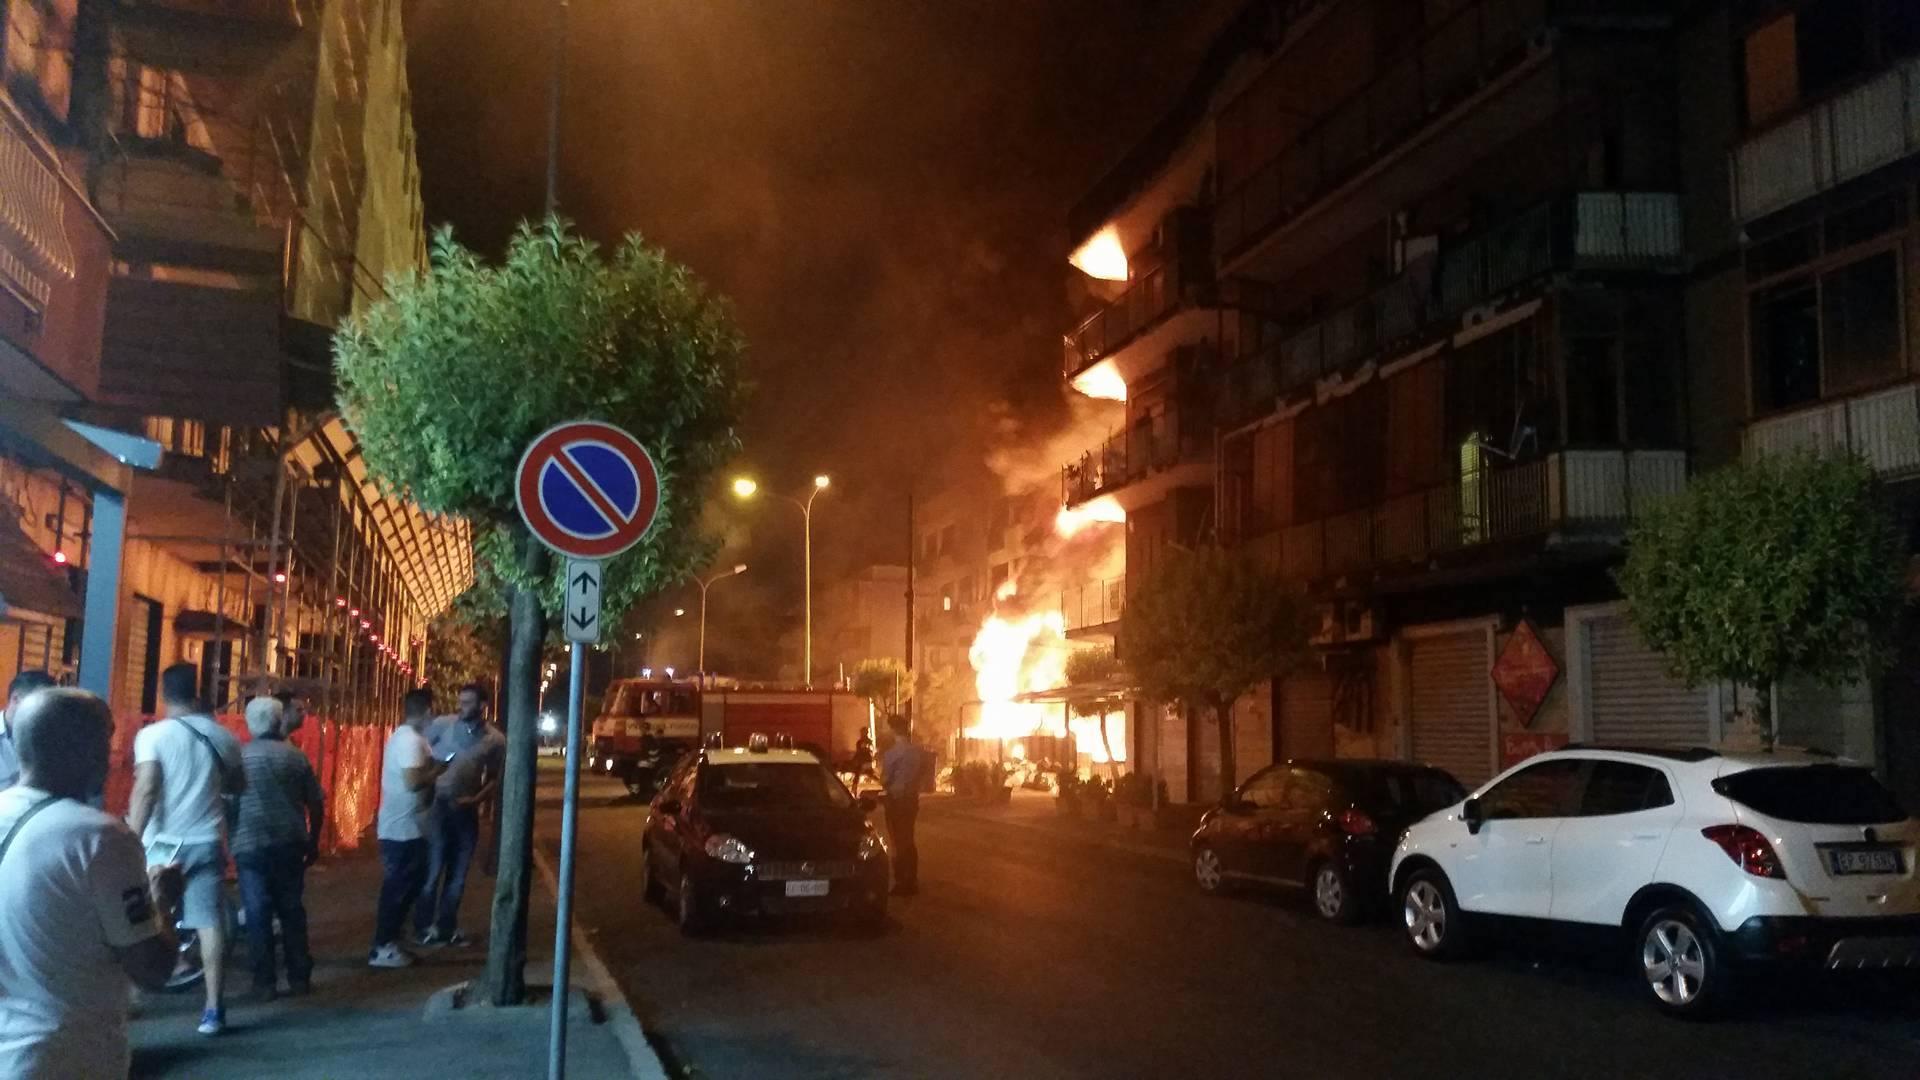 Volla, convocata l'Unità di Crisi per l'incendio di via Pietro Nenni